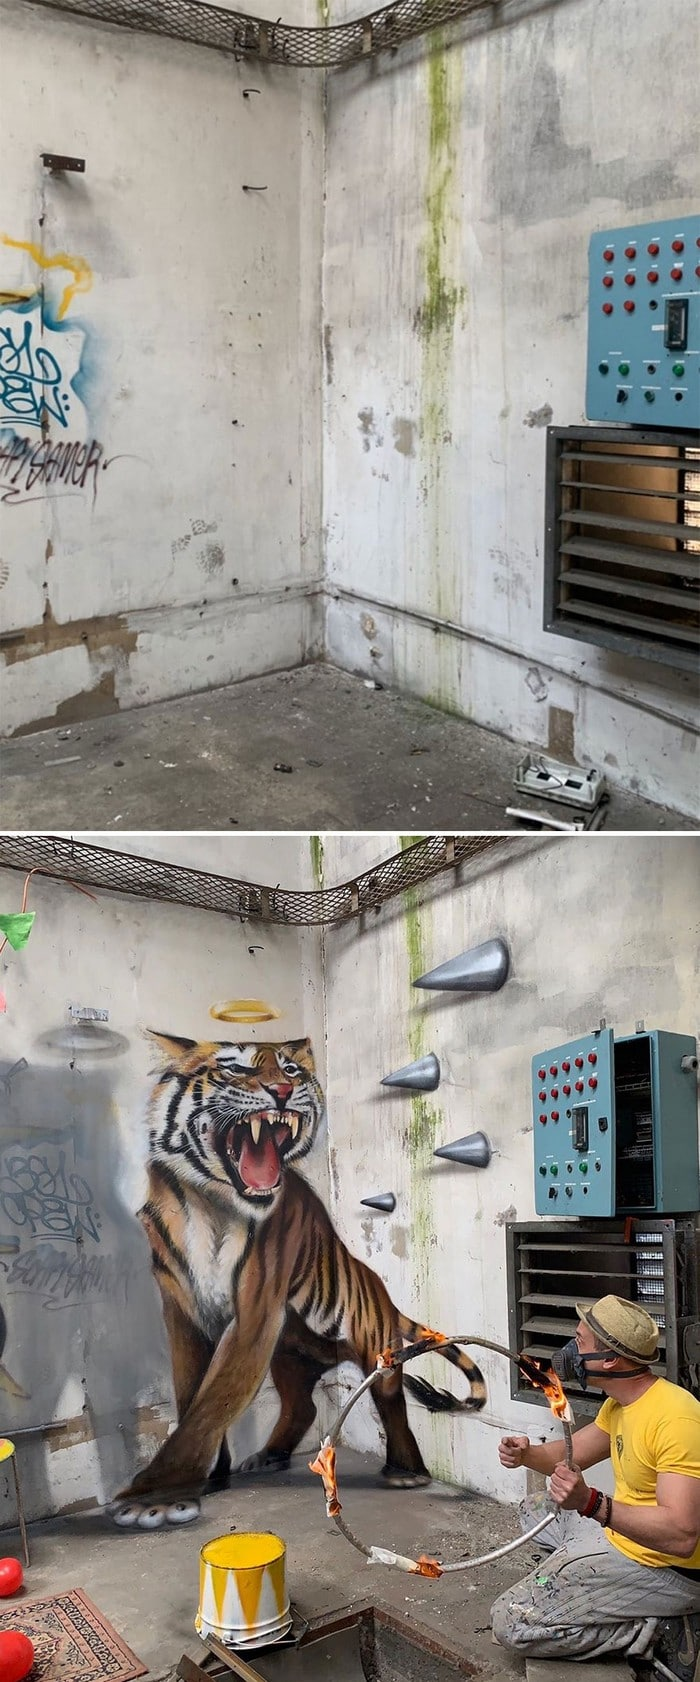 Artista de rua francês pinta grafite de criatura 3D (43 fotos) 4